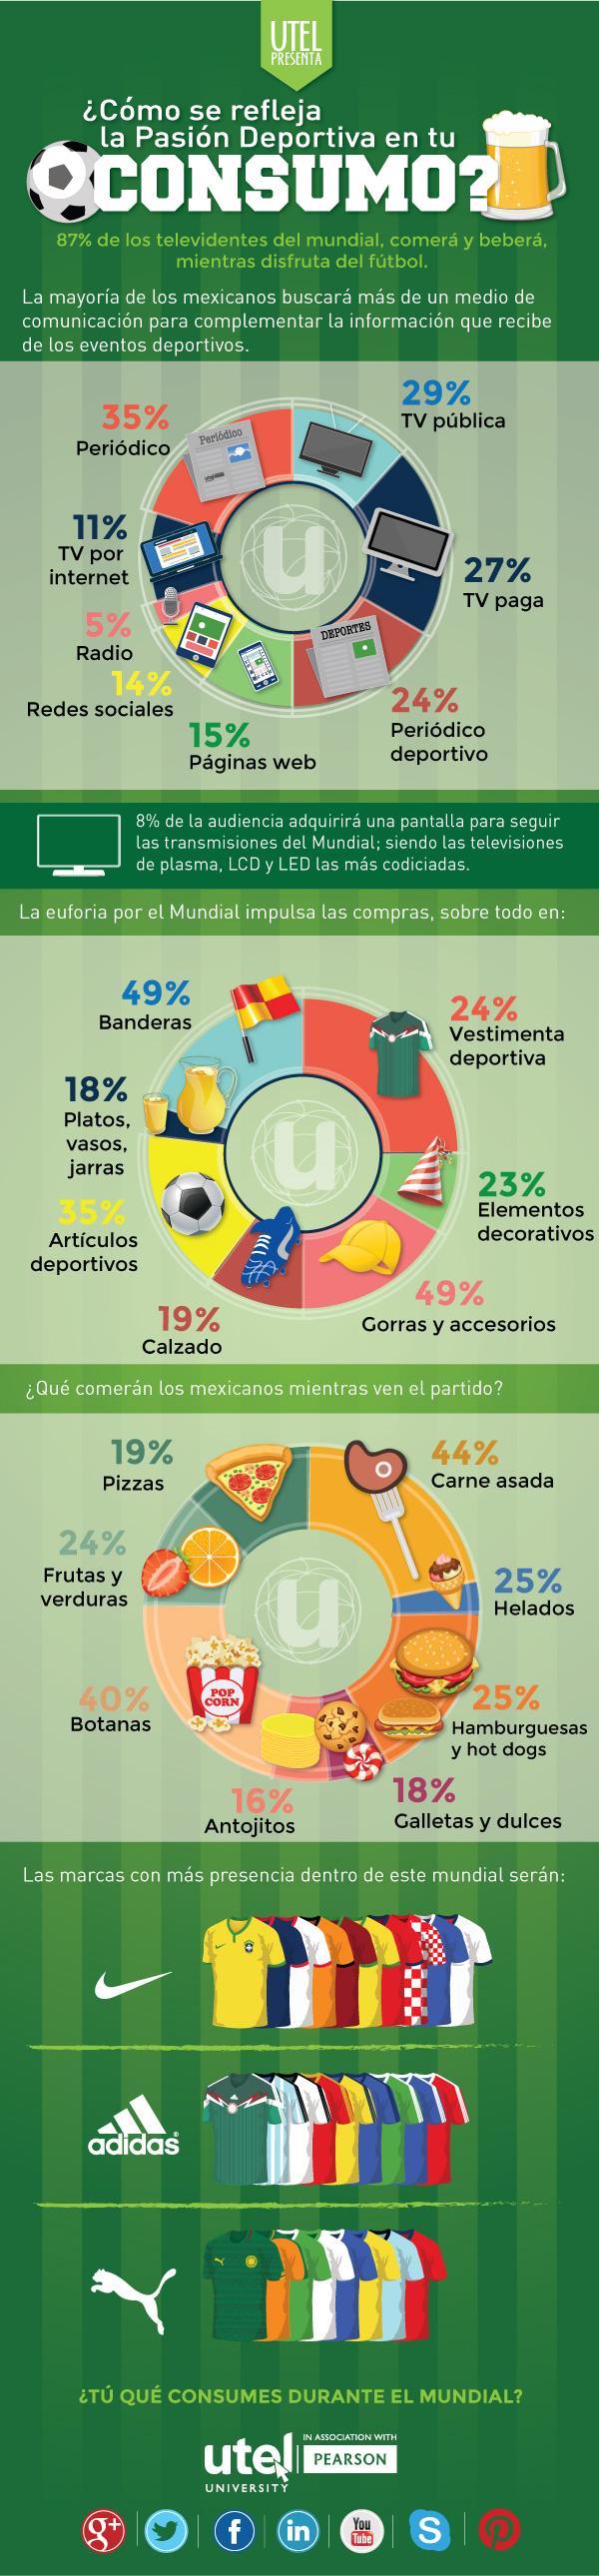 Cómo influyen tus gustos deportivos en el consumo